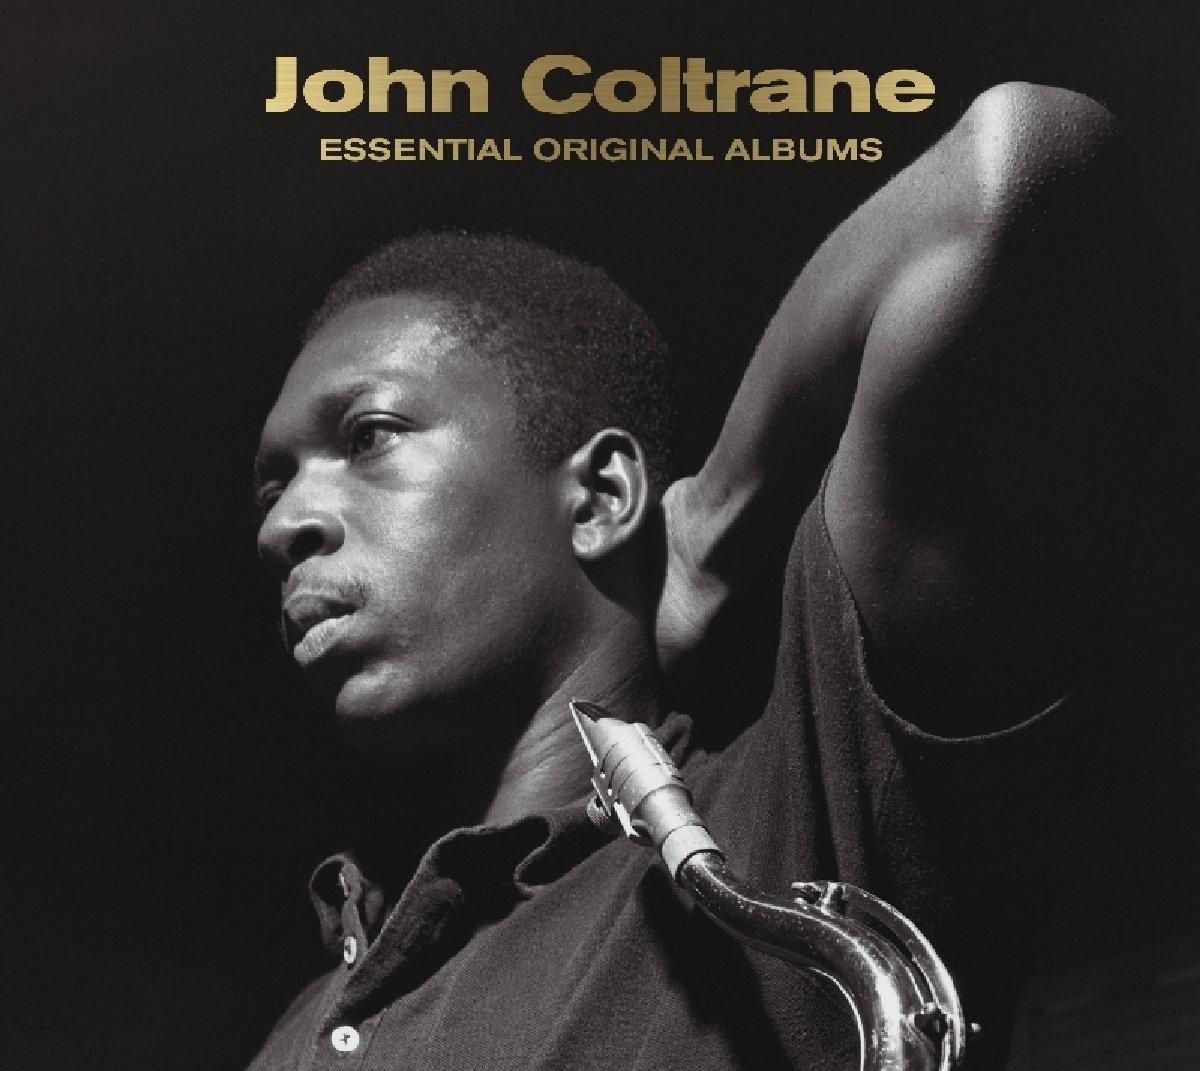 John Coltrane - Essential Original Albums